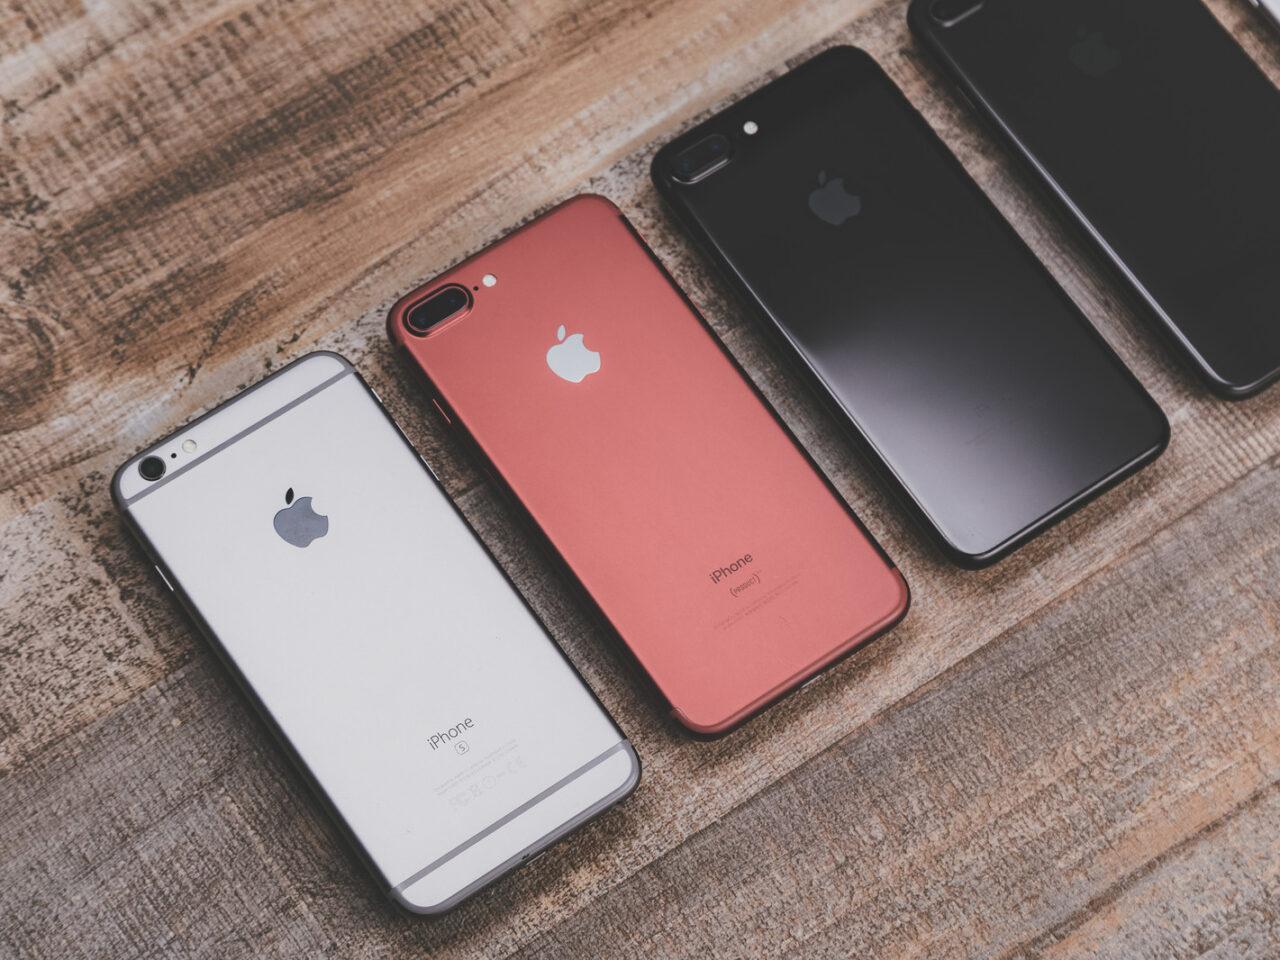 ホーム画面をおしゃれでシンプルにするには?iPhone用白黒デザインも配布!のサムネイル画像